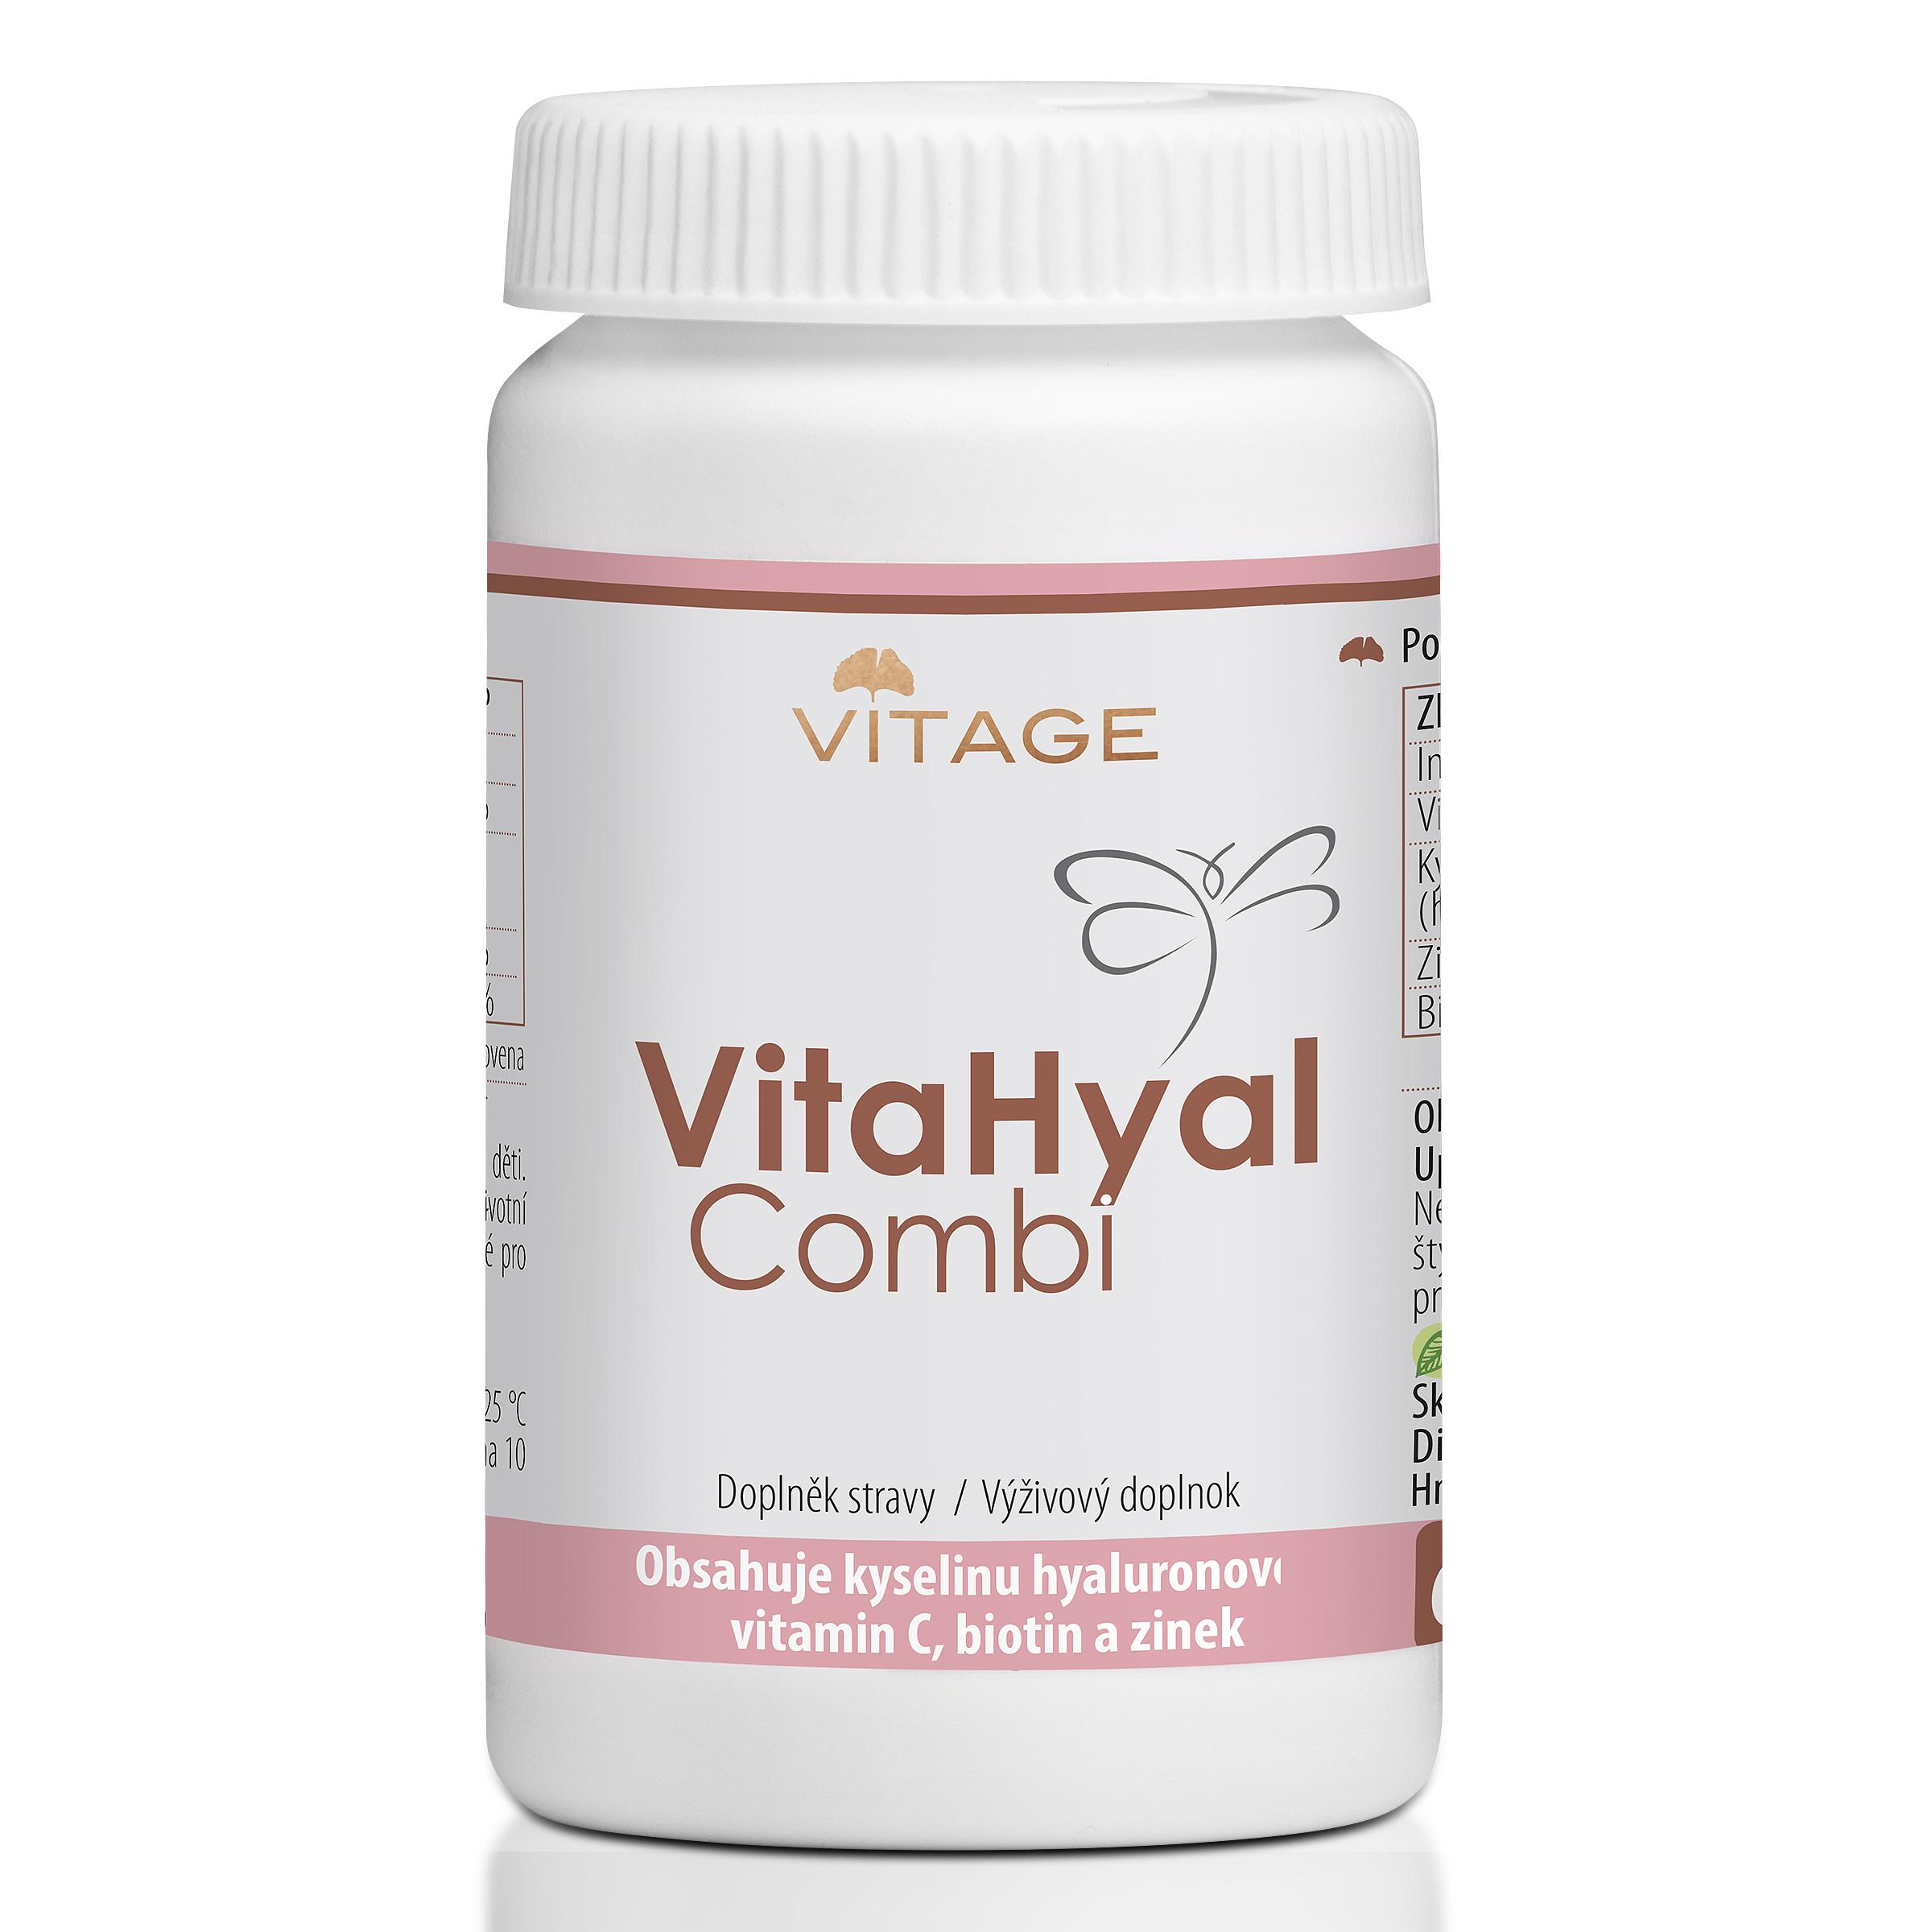 Je možné užívat přípravky Kyselina hyaluronová Vitage a VitaHyal Combi současně?